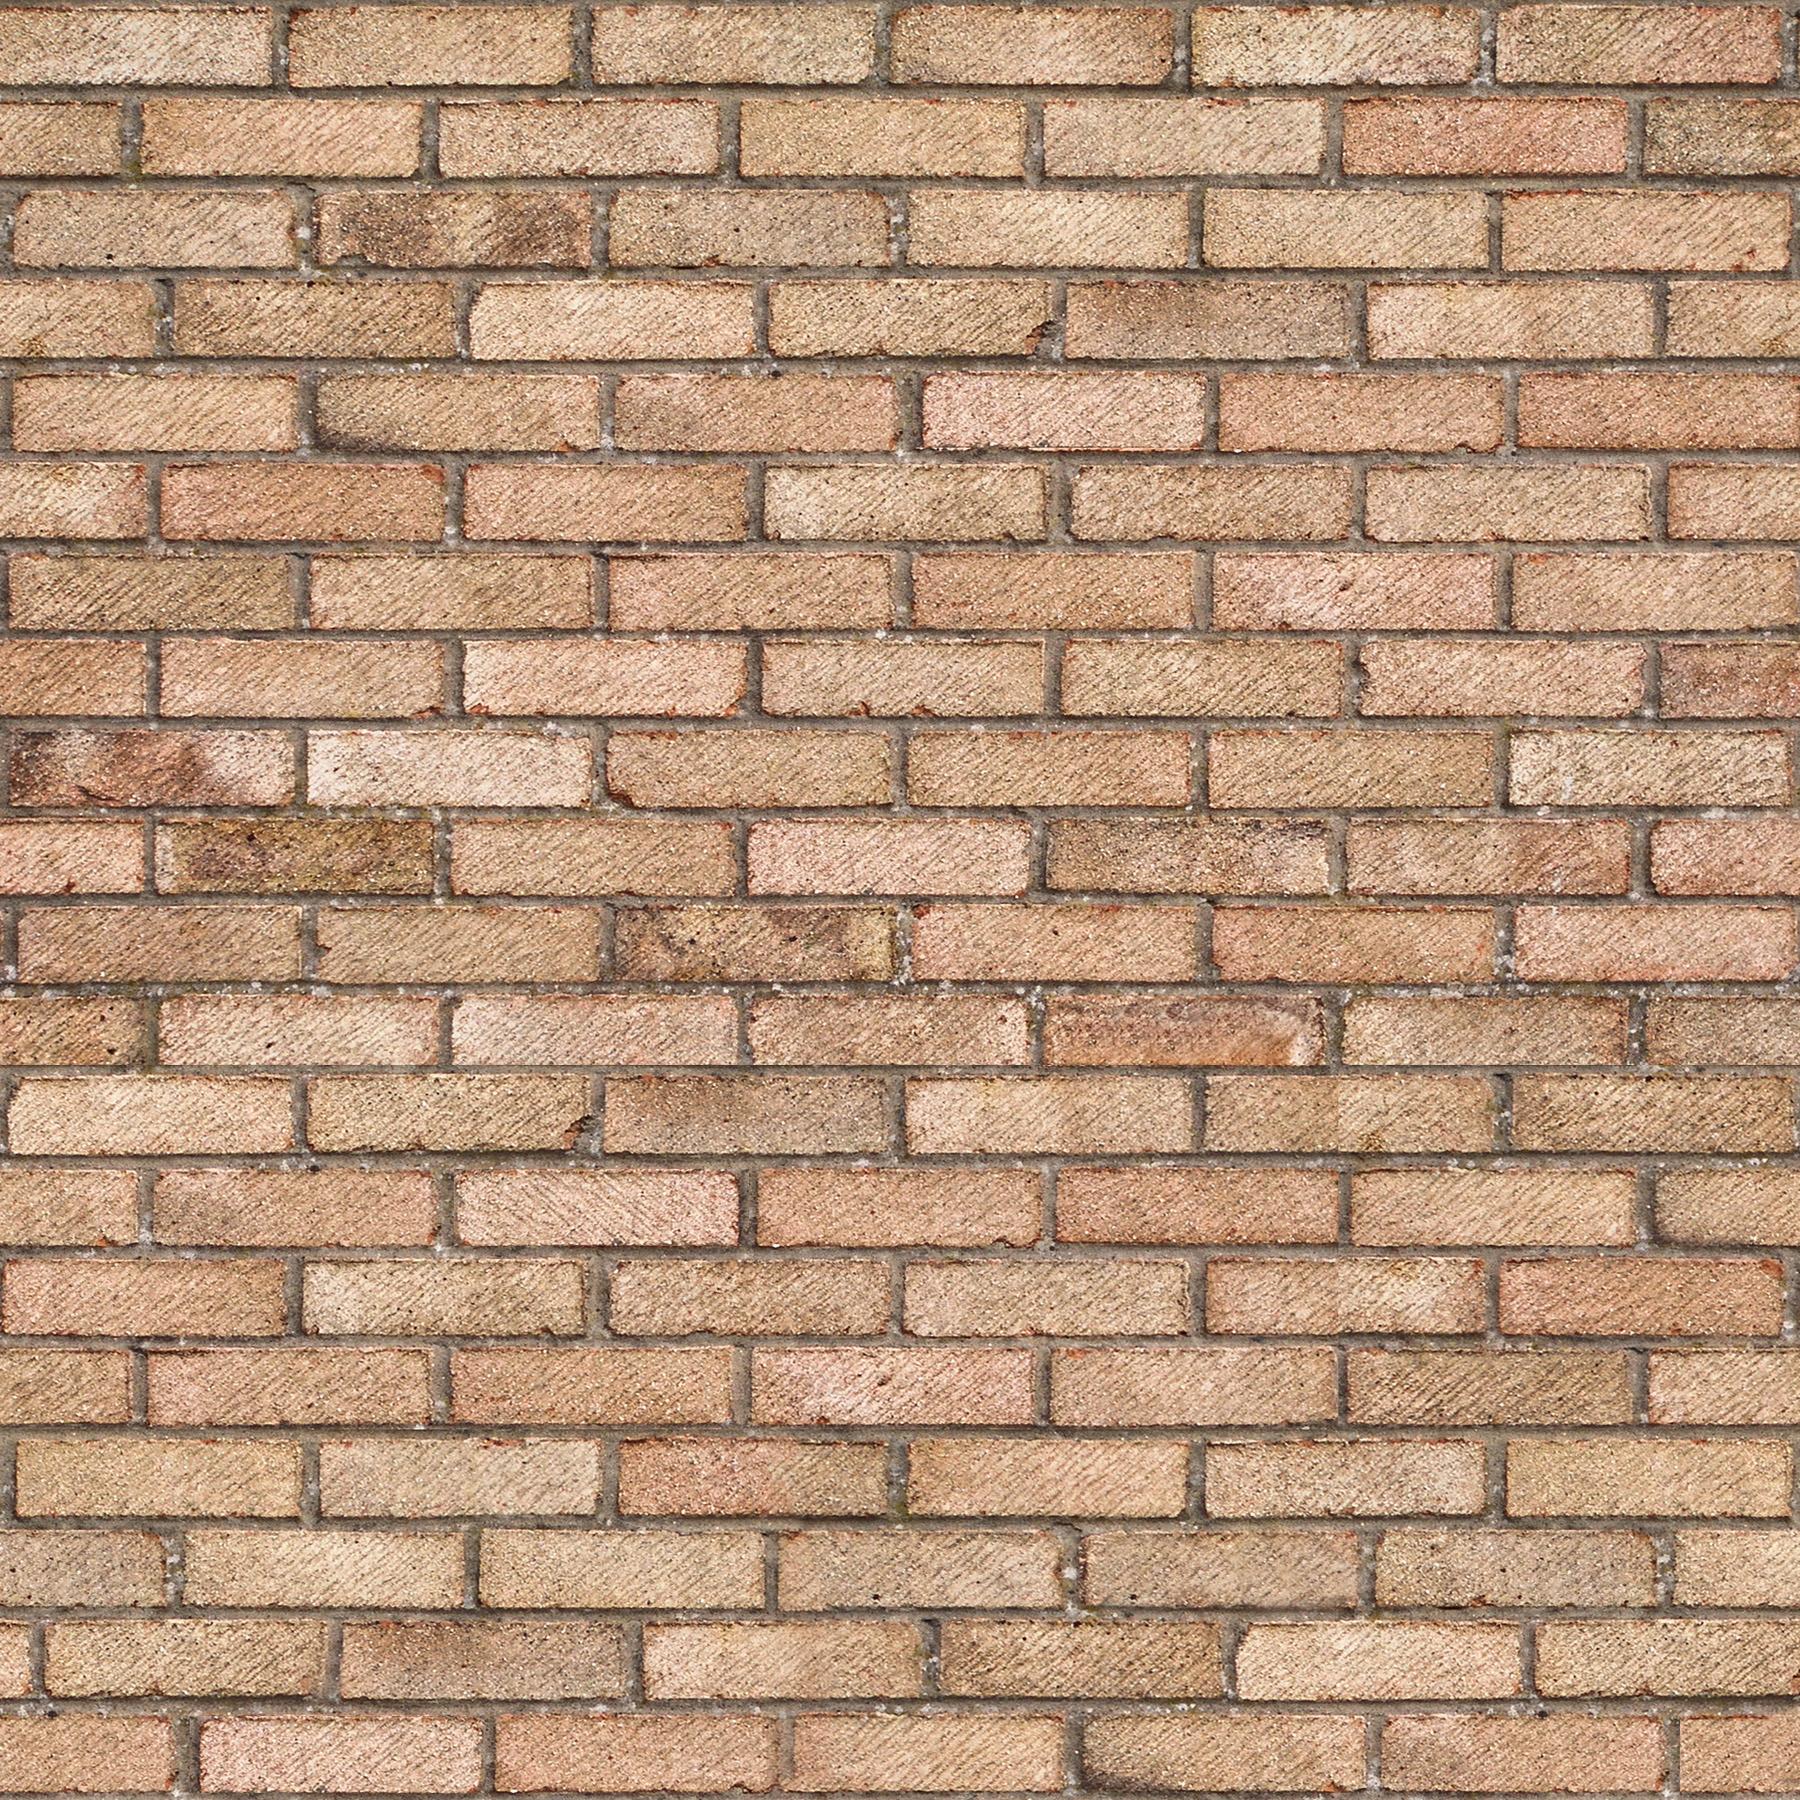 Текстура кирпичной стены, фон, скачать, кирпичи